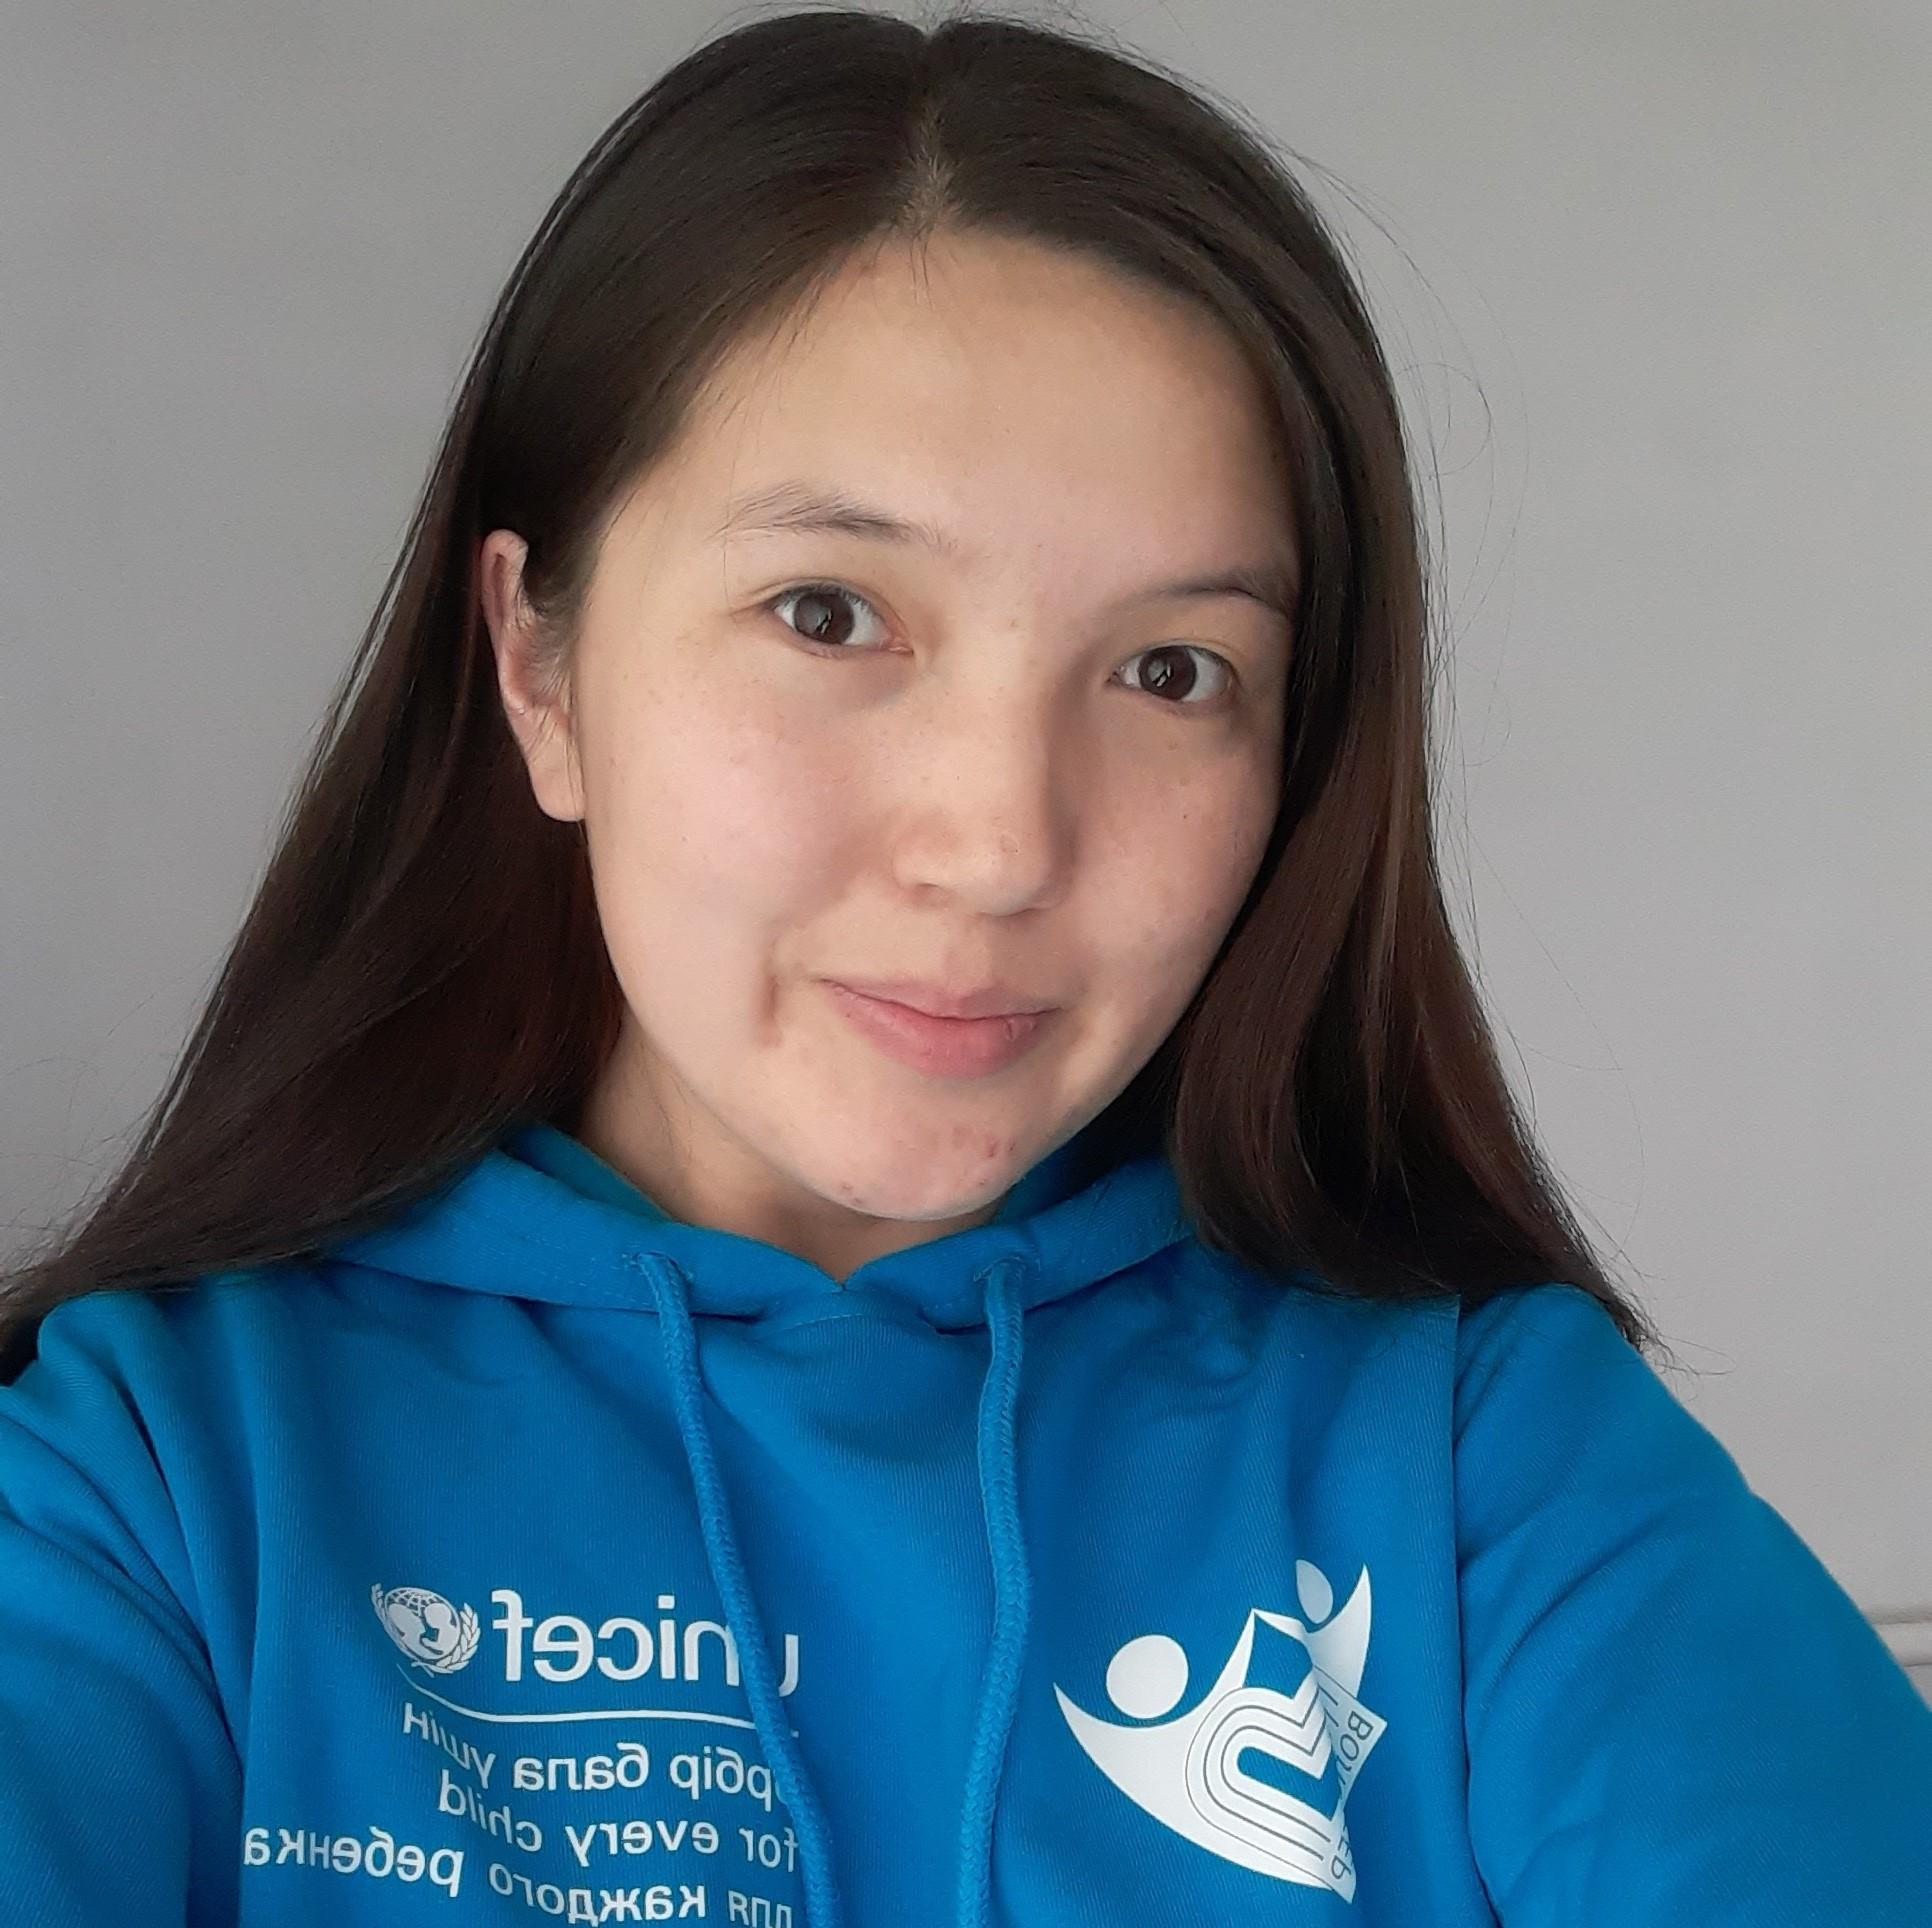 Мадина, 20 жас, Алматы облысы